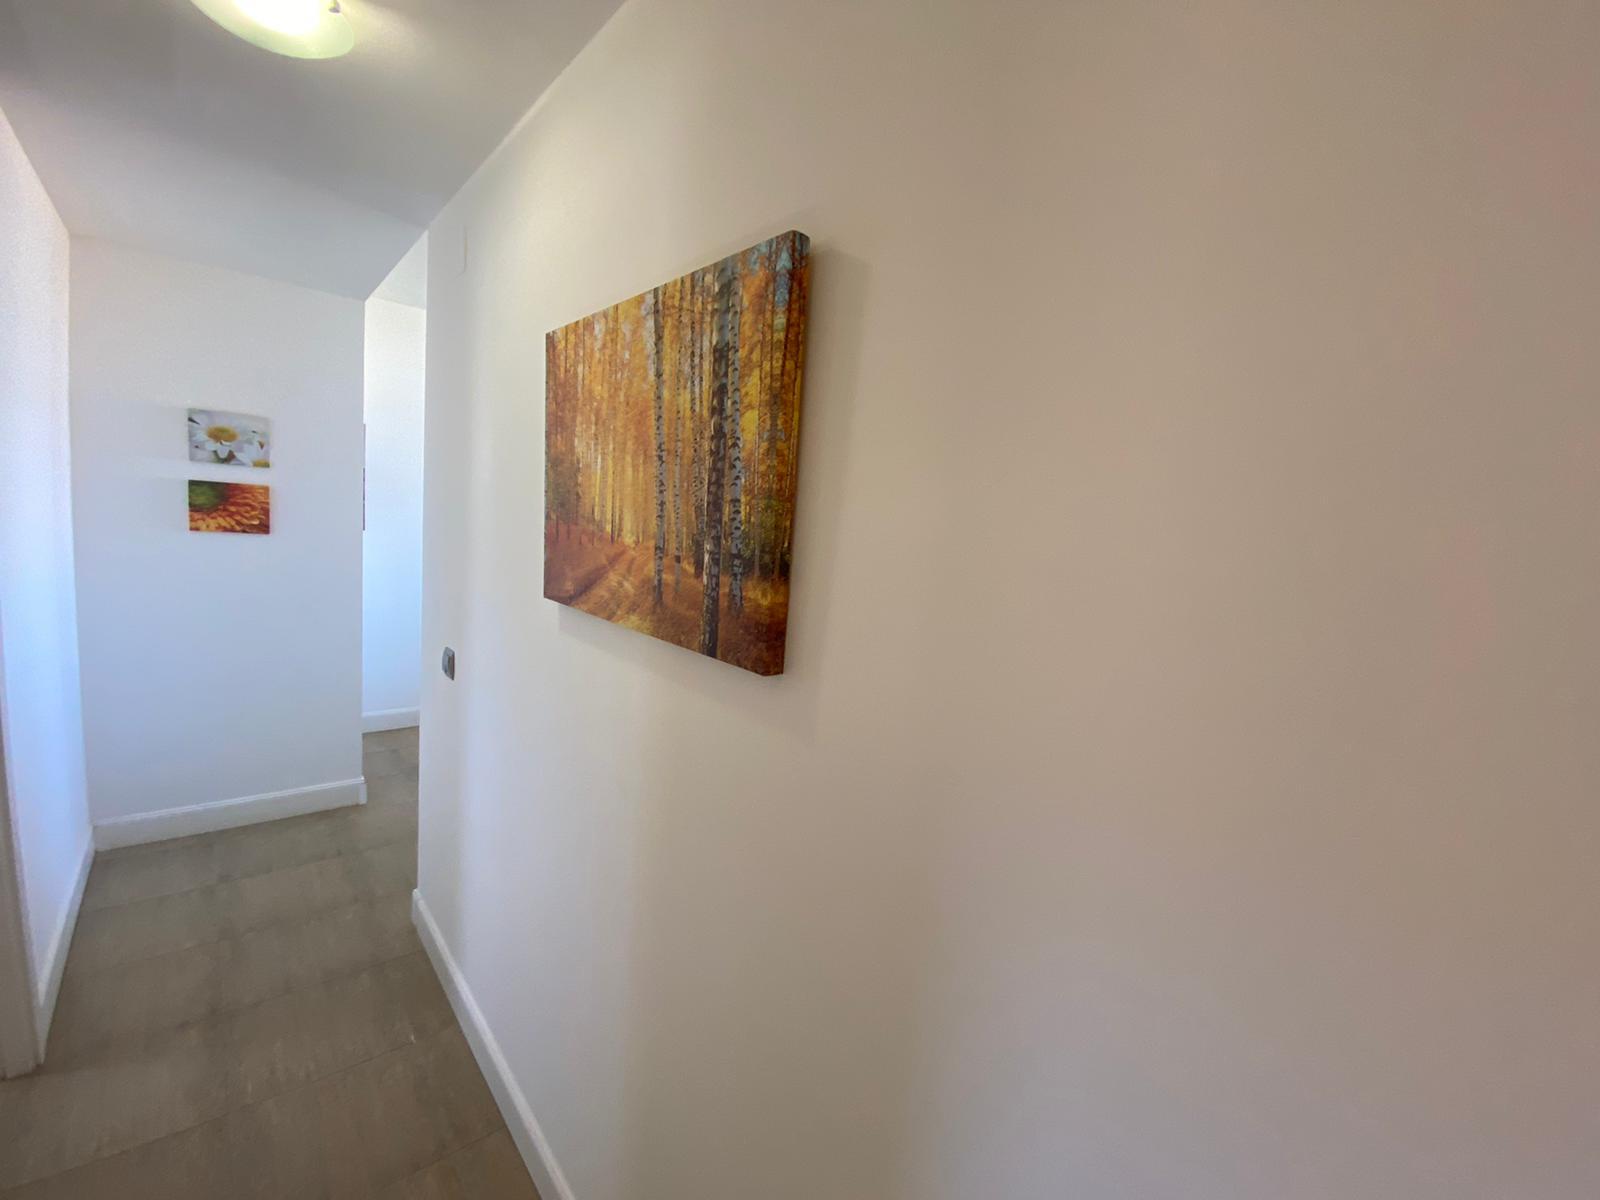 Imagen 15 del Apartamento Turístico, Ático 1 Poniente (3d+2b), Punta del Moral (HUELVA), Paseo de la Cruz nº22